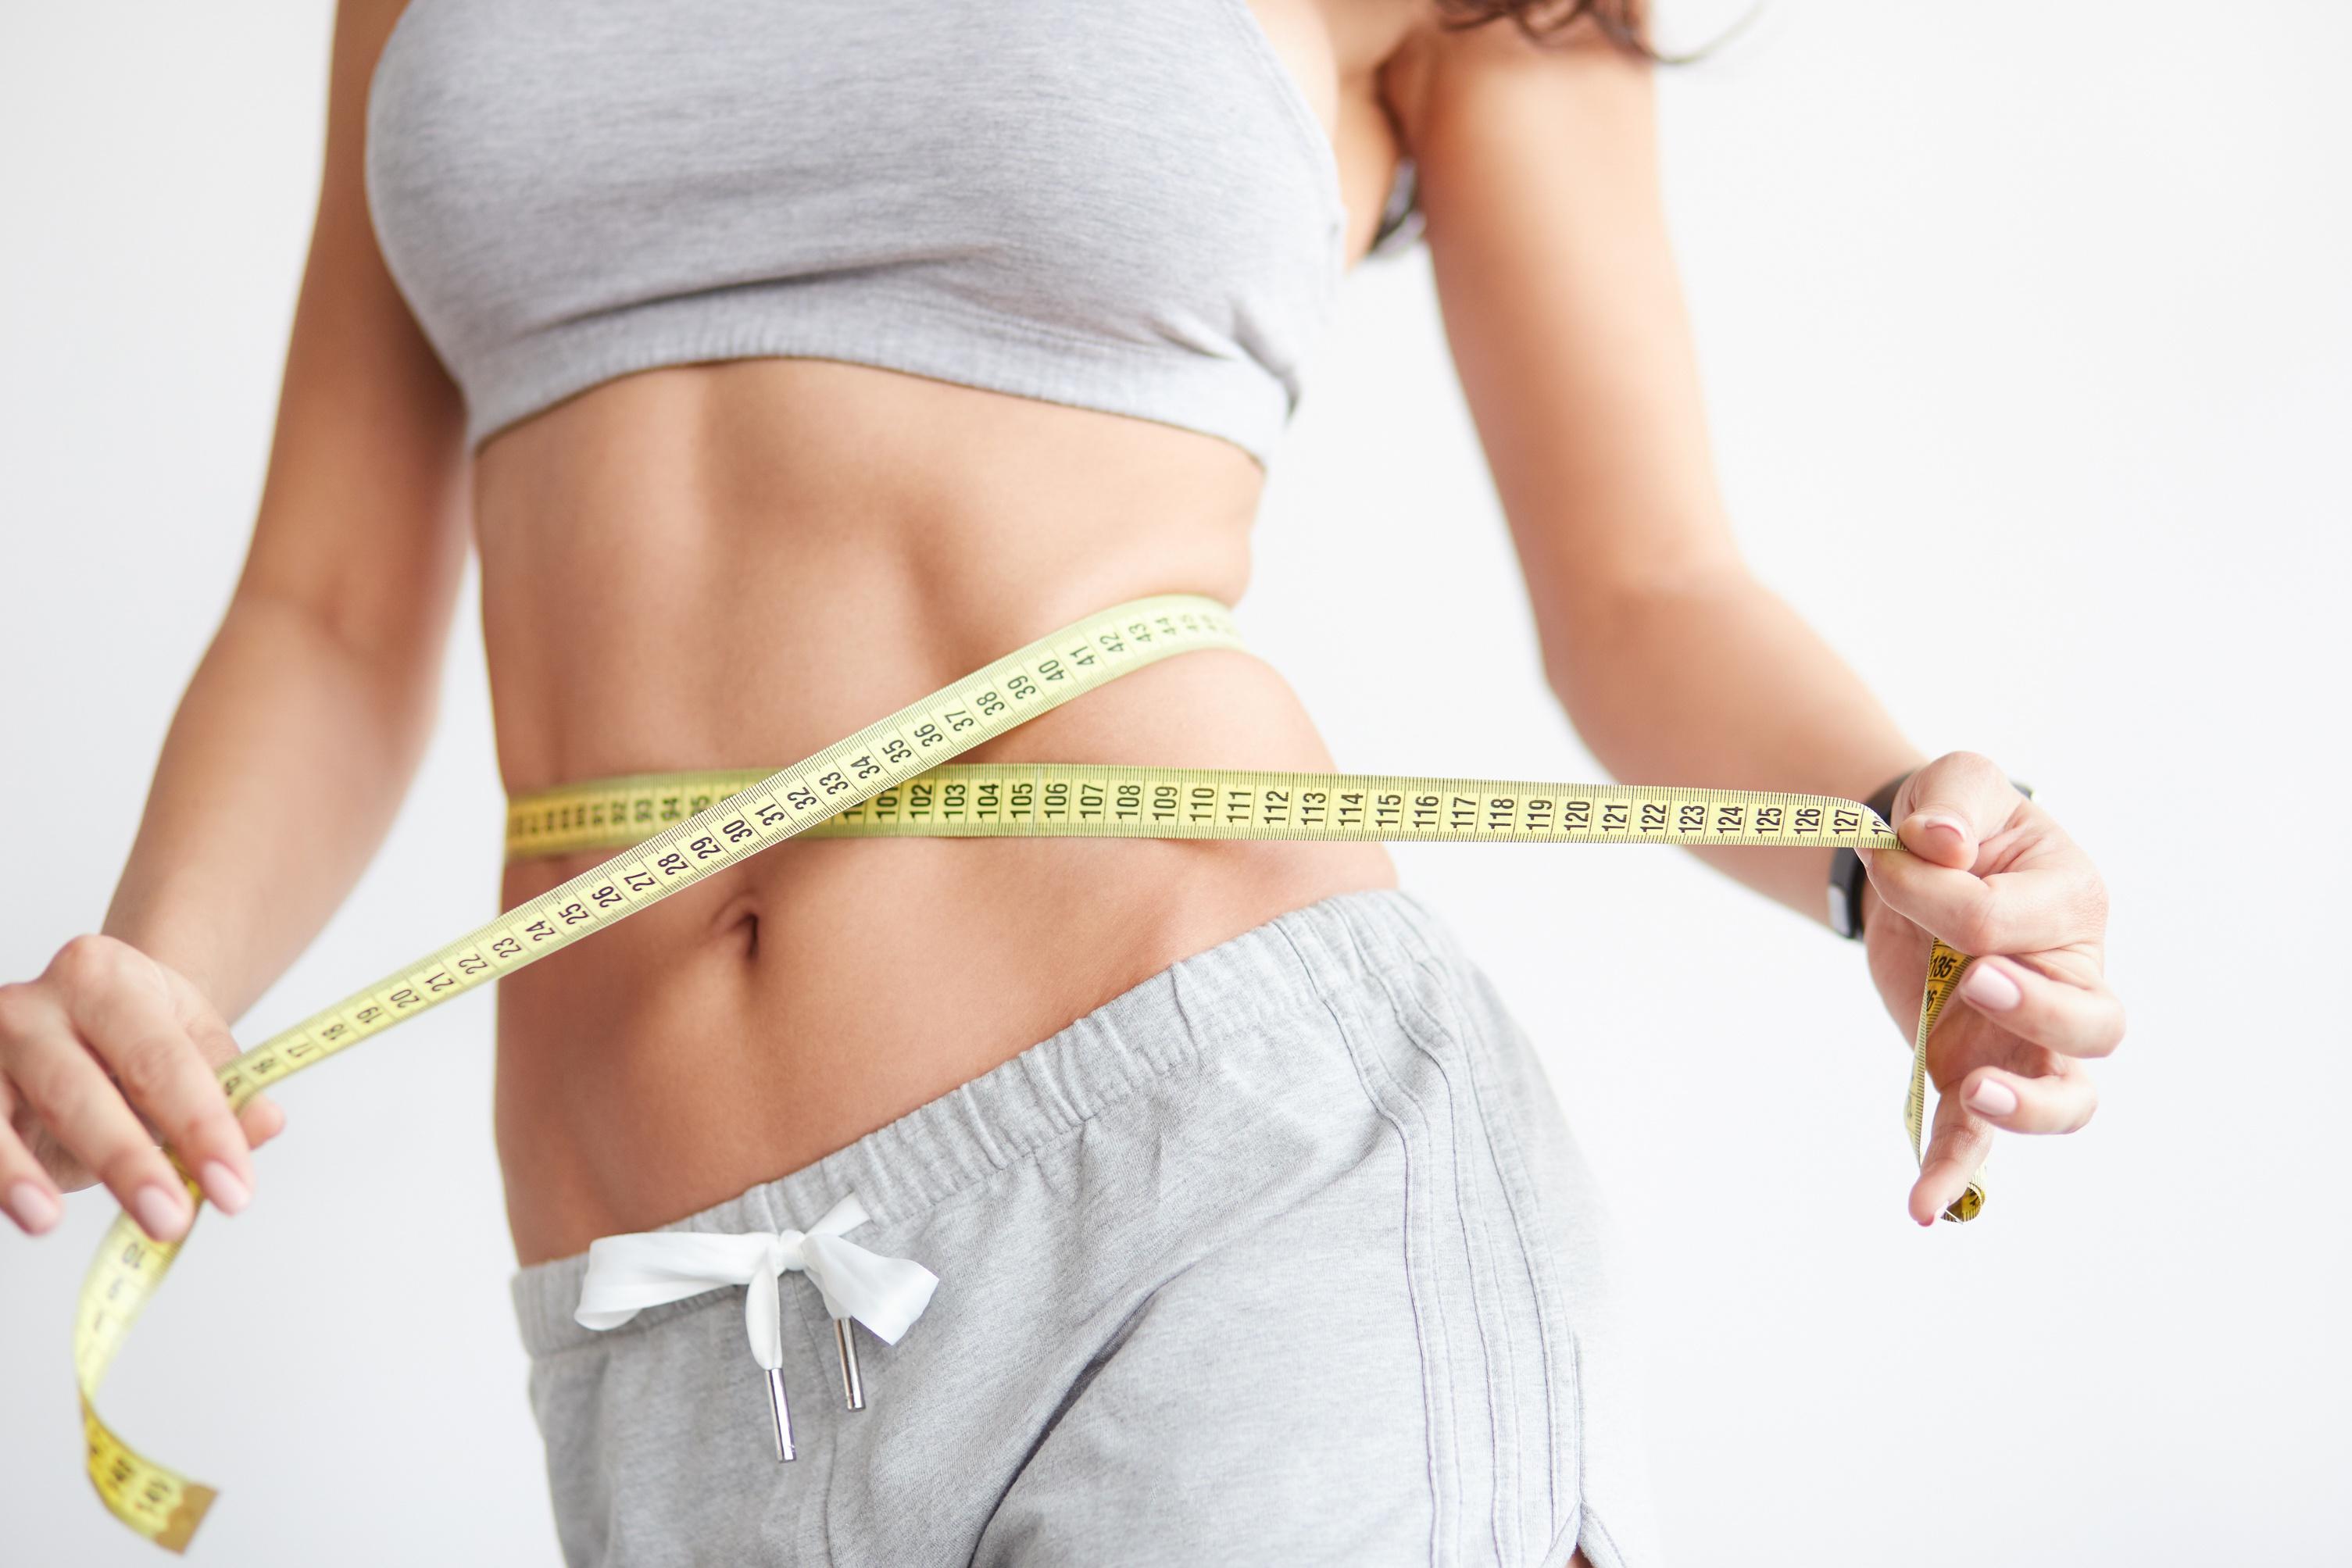 Как Похудеть Специально Живота. Диета для похудения живота